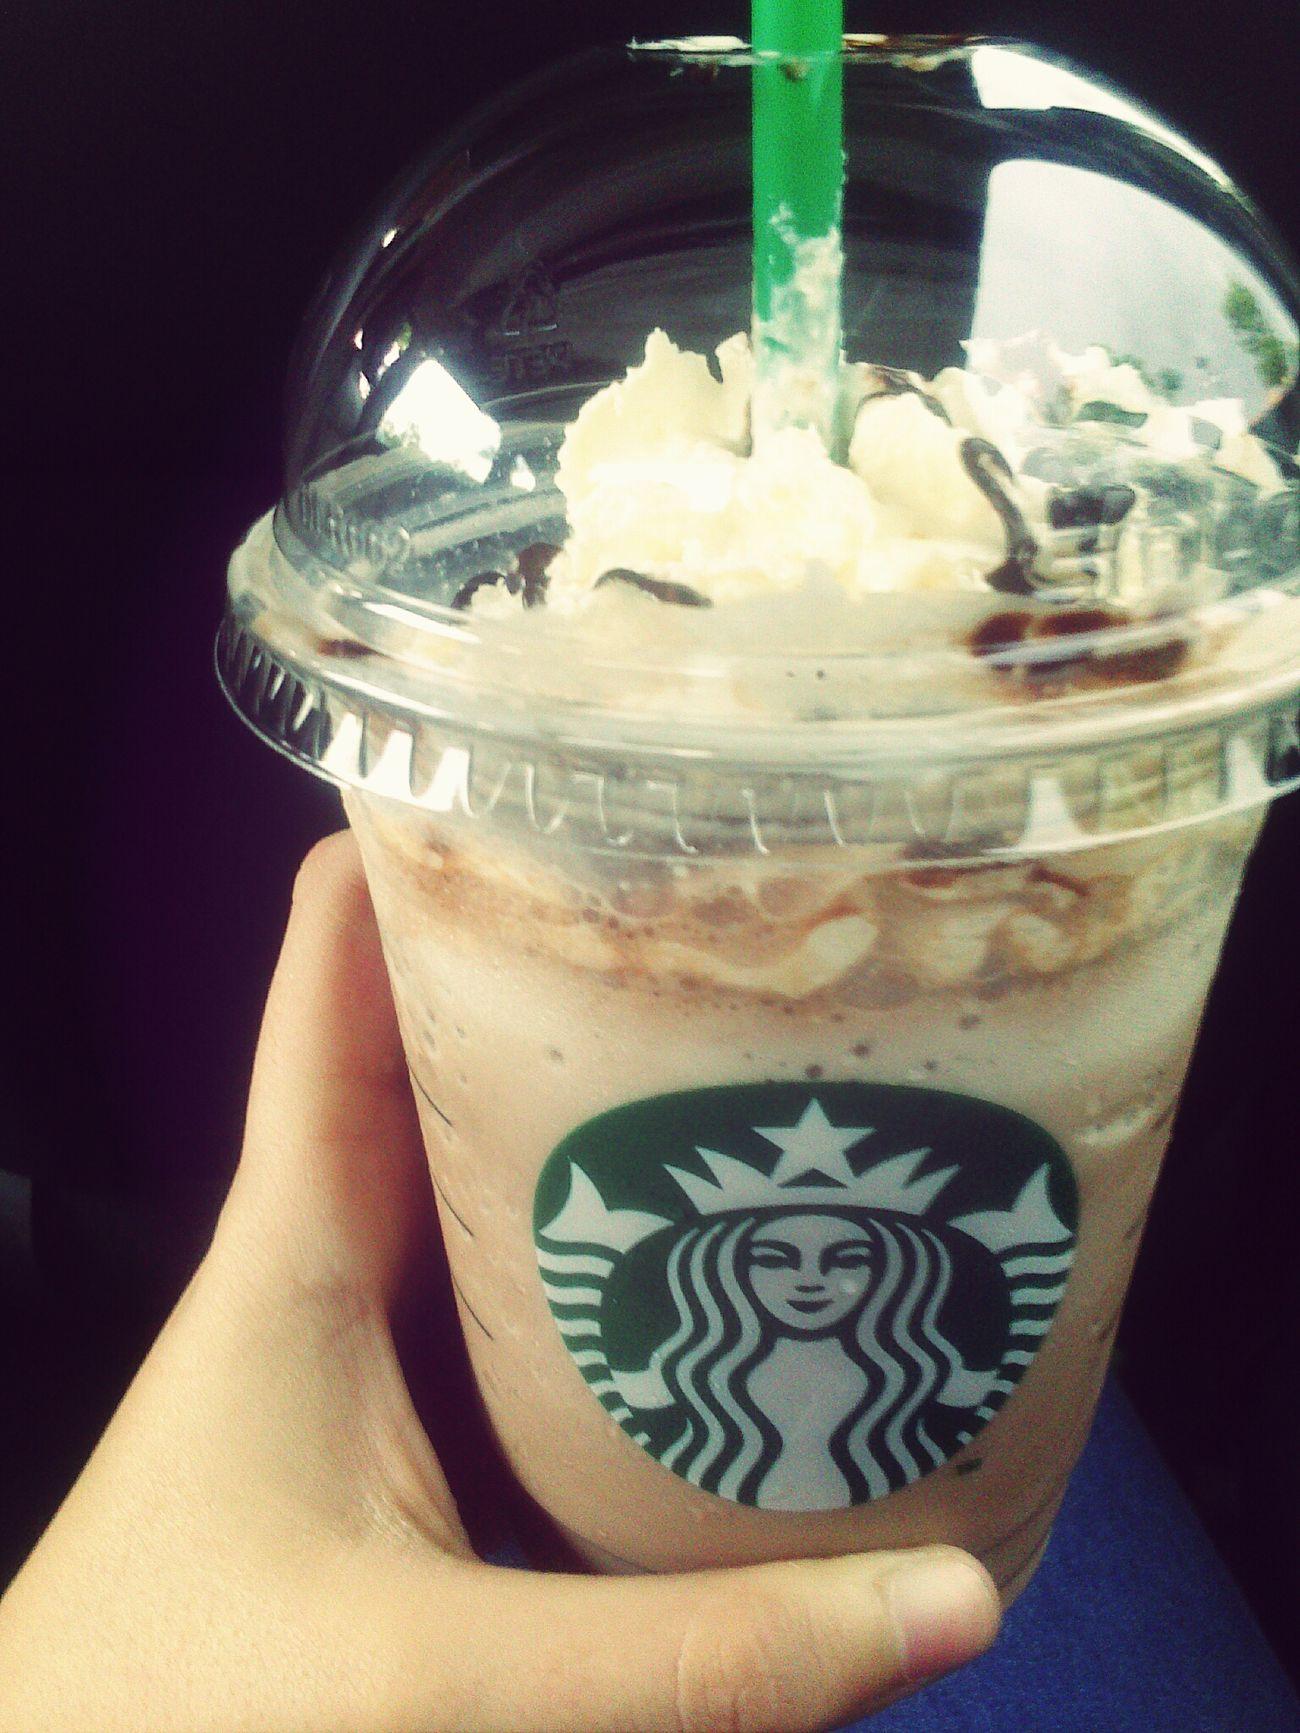 Starbucks Frapucheando Frapuccino